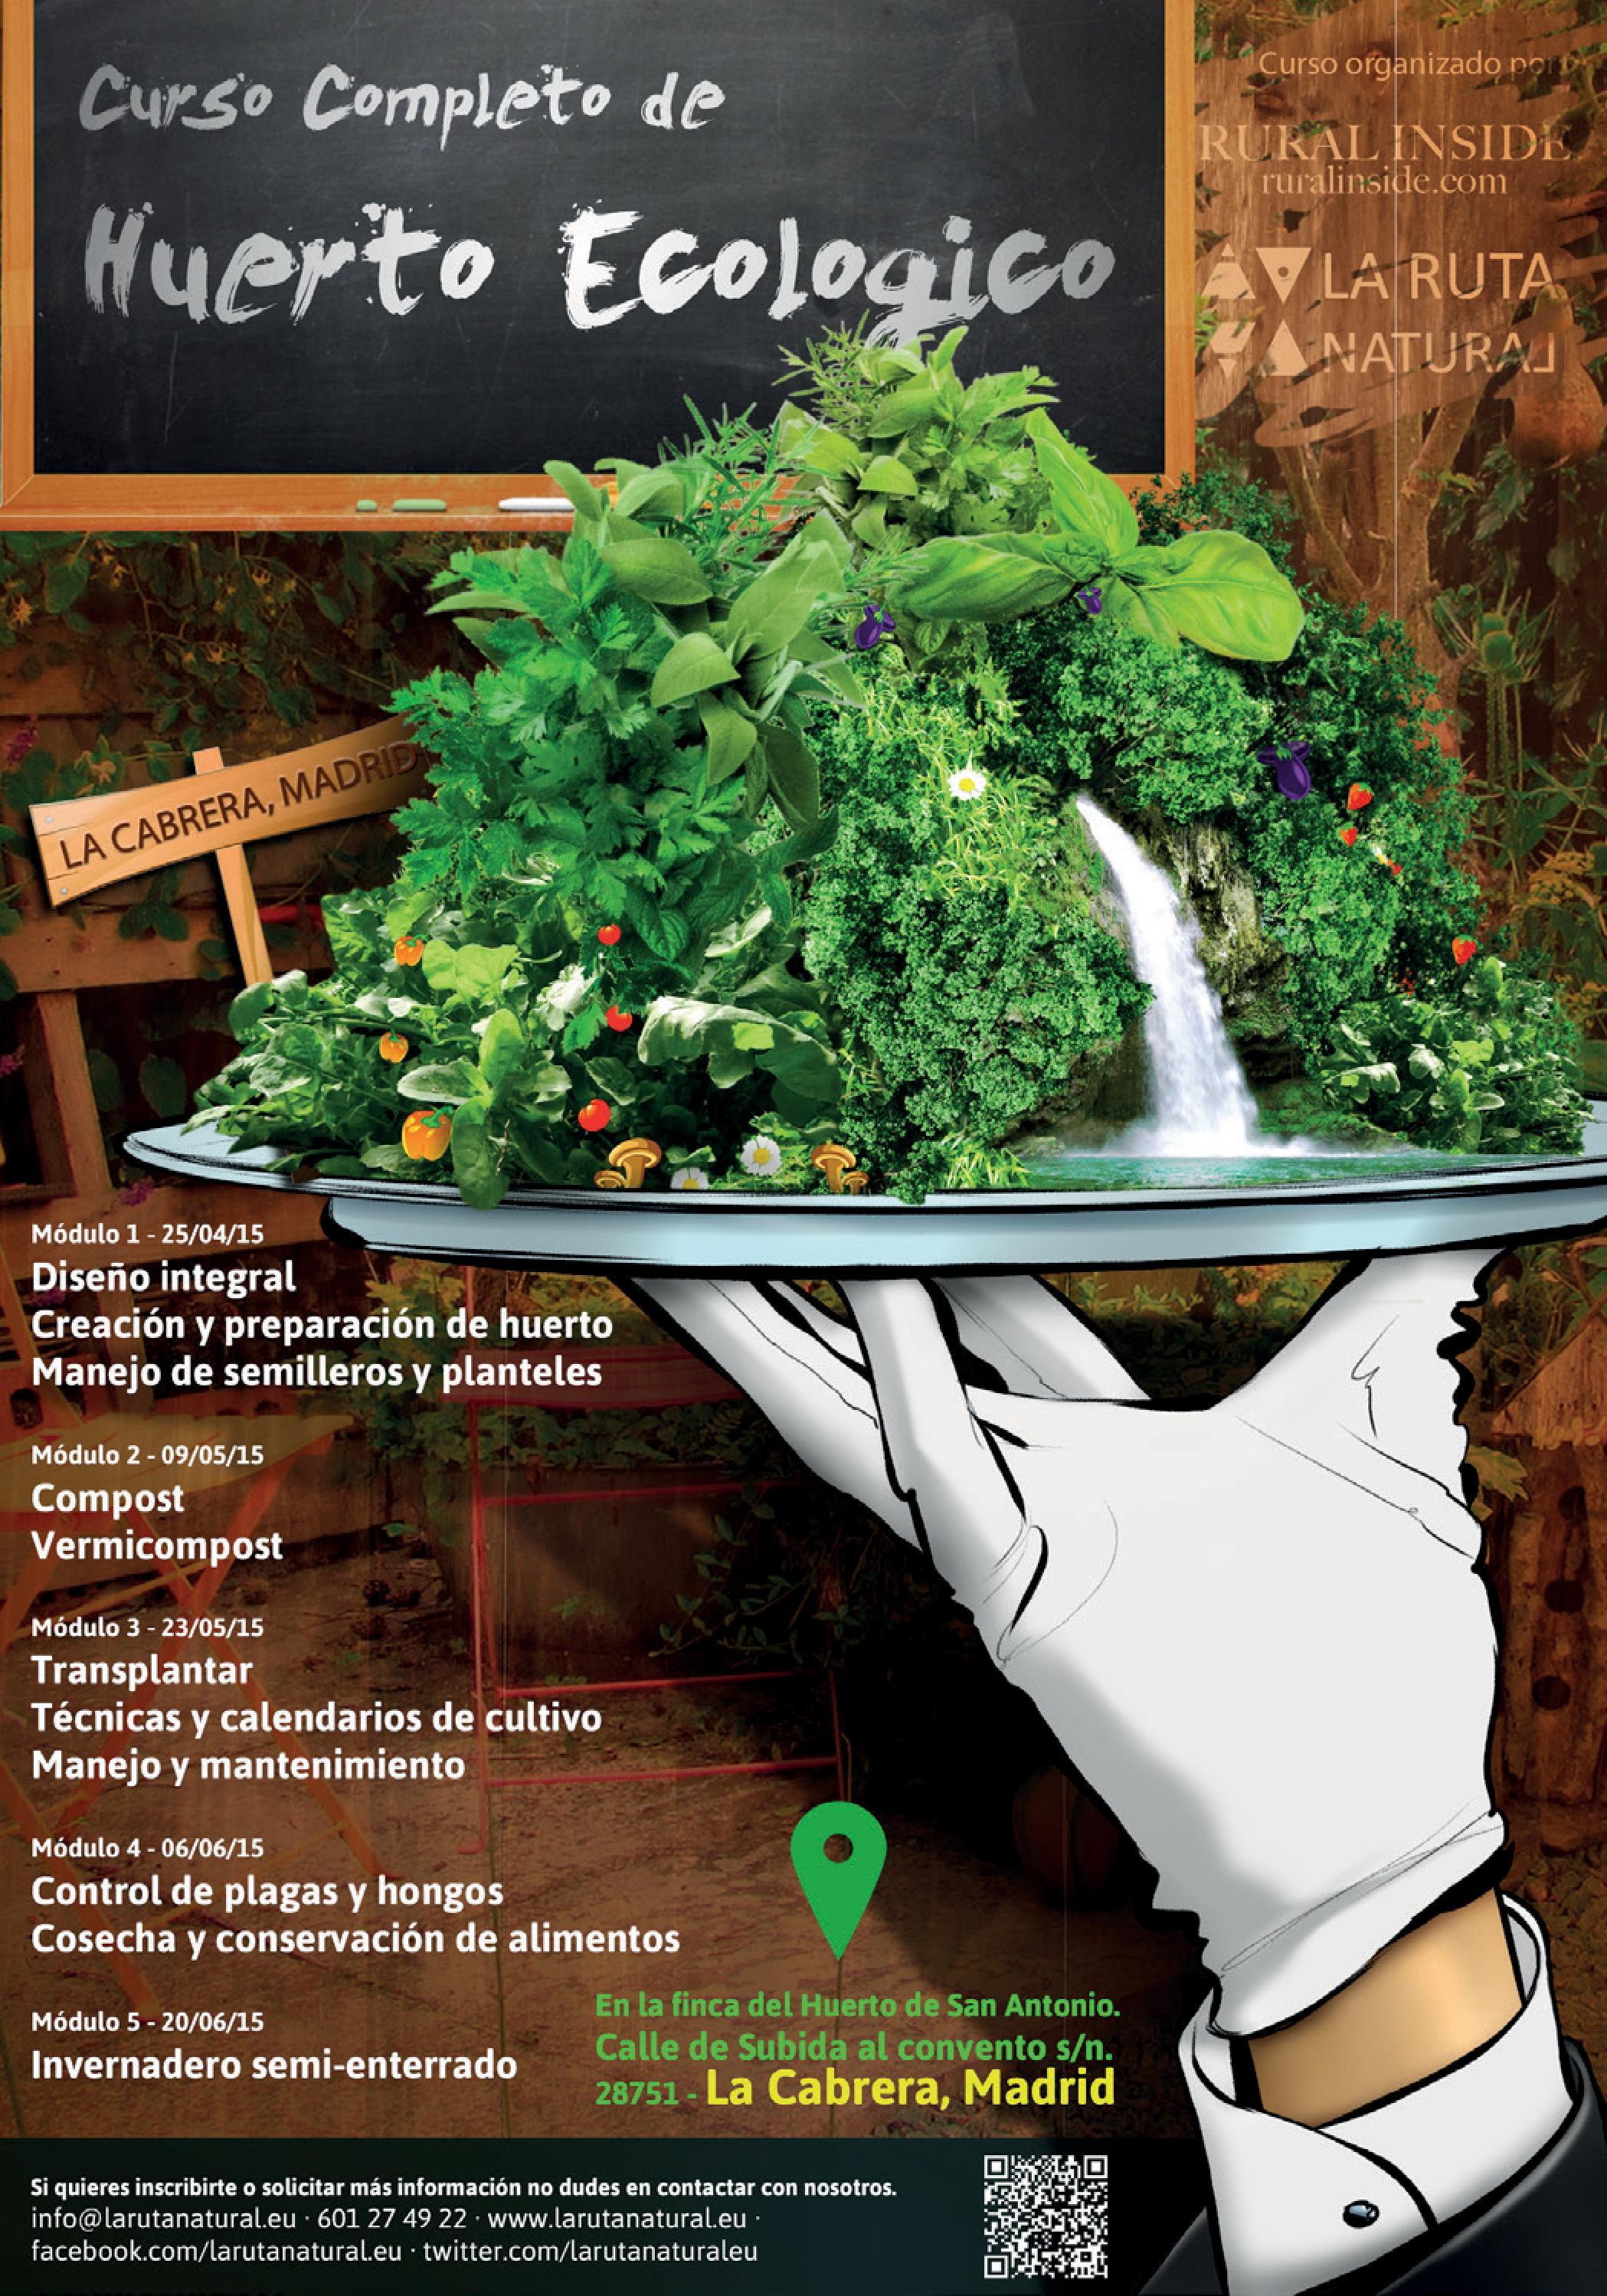 Rural Inside y Larutanatural: Calendario Completo Cursos Primavera 2015